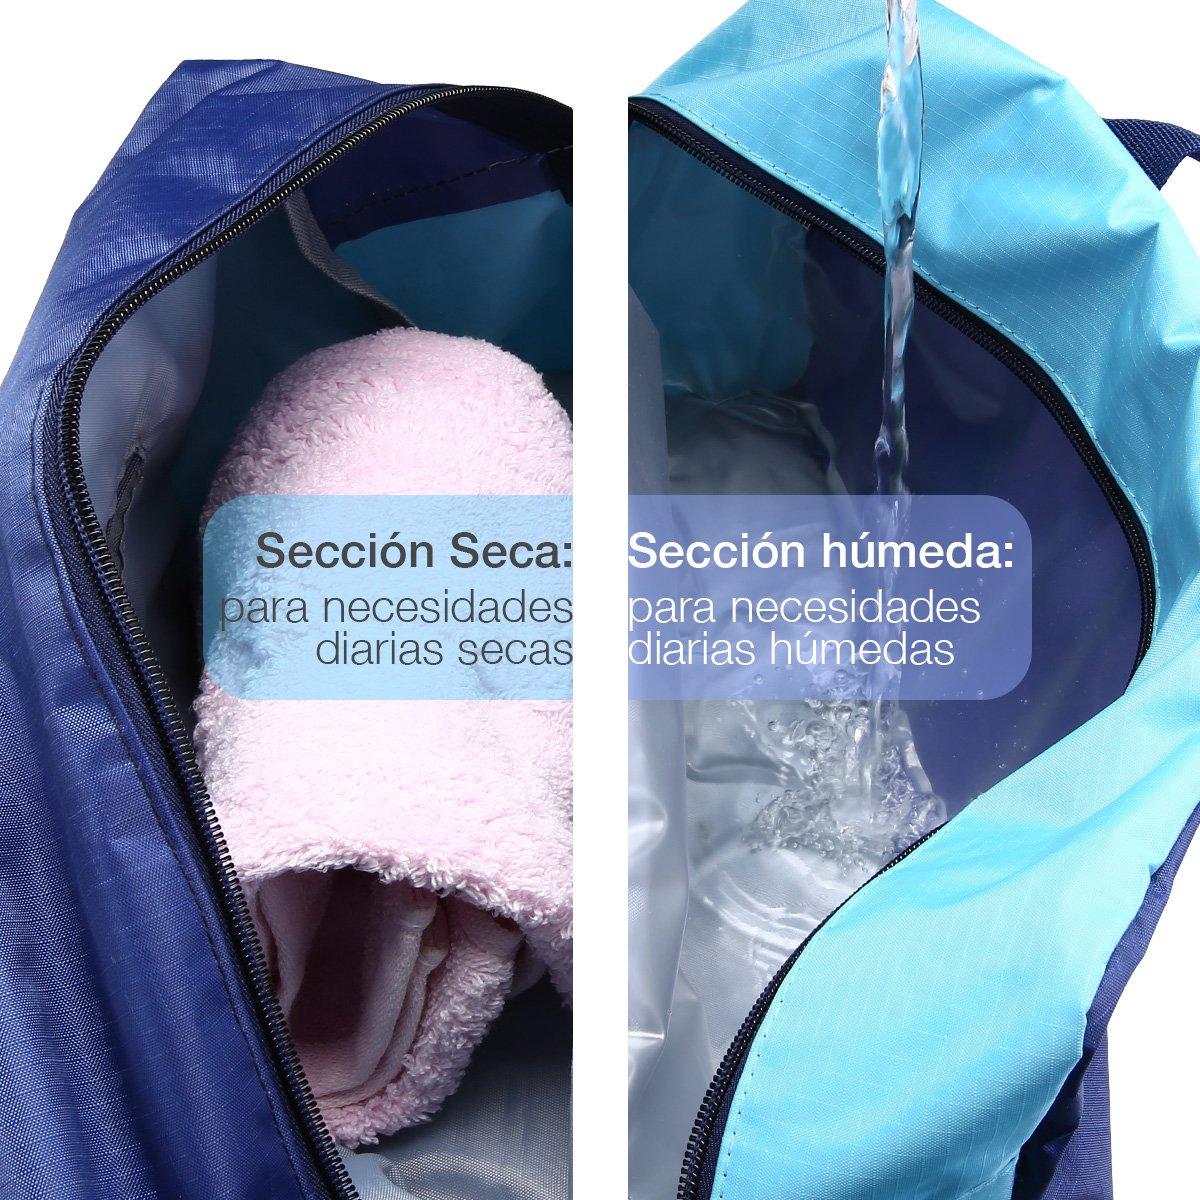 isYoung Bolsa De Playa De La Piscina Bolsa Impermeable Separación Húmeda Y Seca Del Paquete De Admisión Macho Y Hembra Bolsas De Baño De Gran Capacidad Albornoz Lavan Bolsa(Azul)